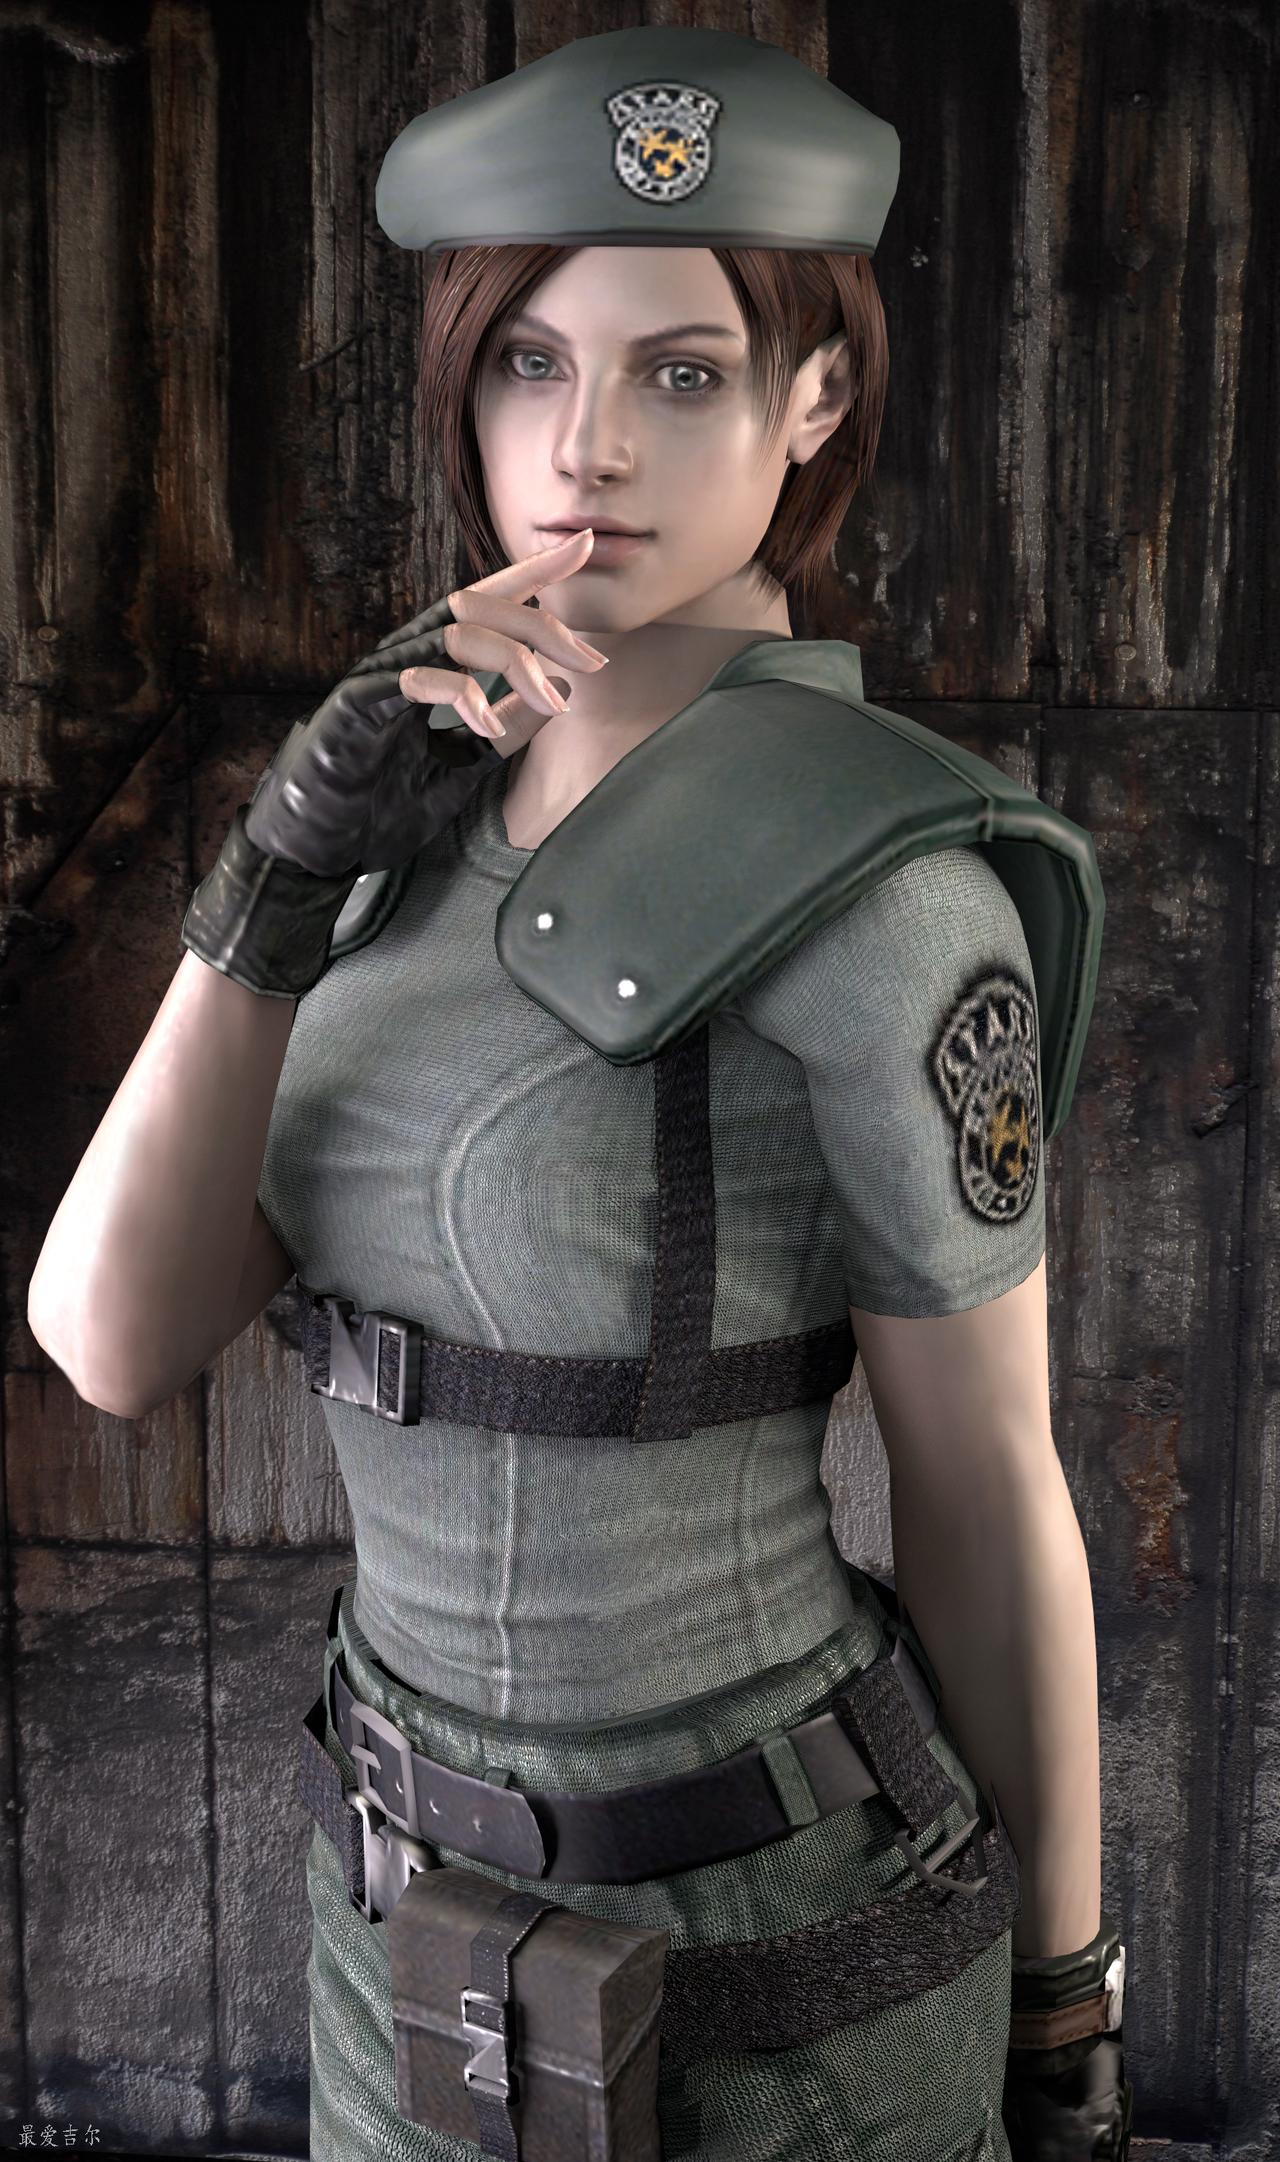 Jill-Valentine-resident-evil-remastered-wallpaper-wp5807177